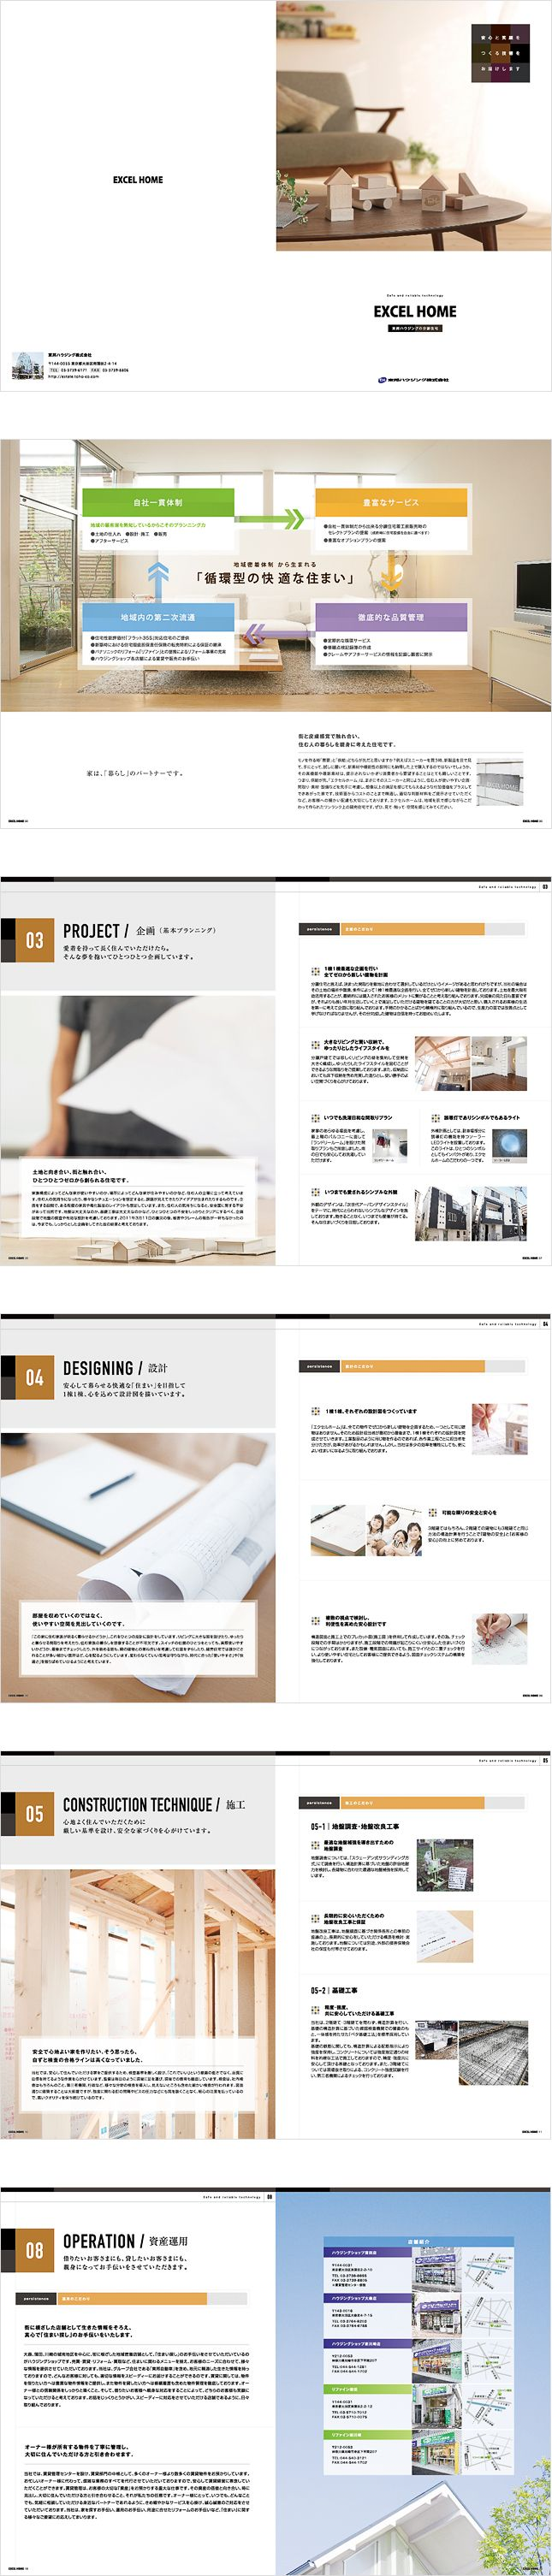 マンション・不動産・投資物件パンフレット・カタログ制作実績写真